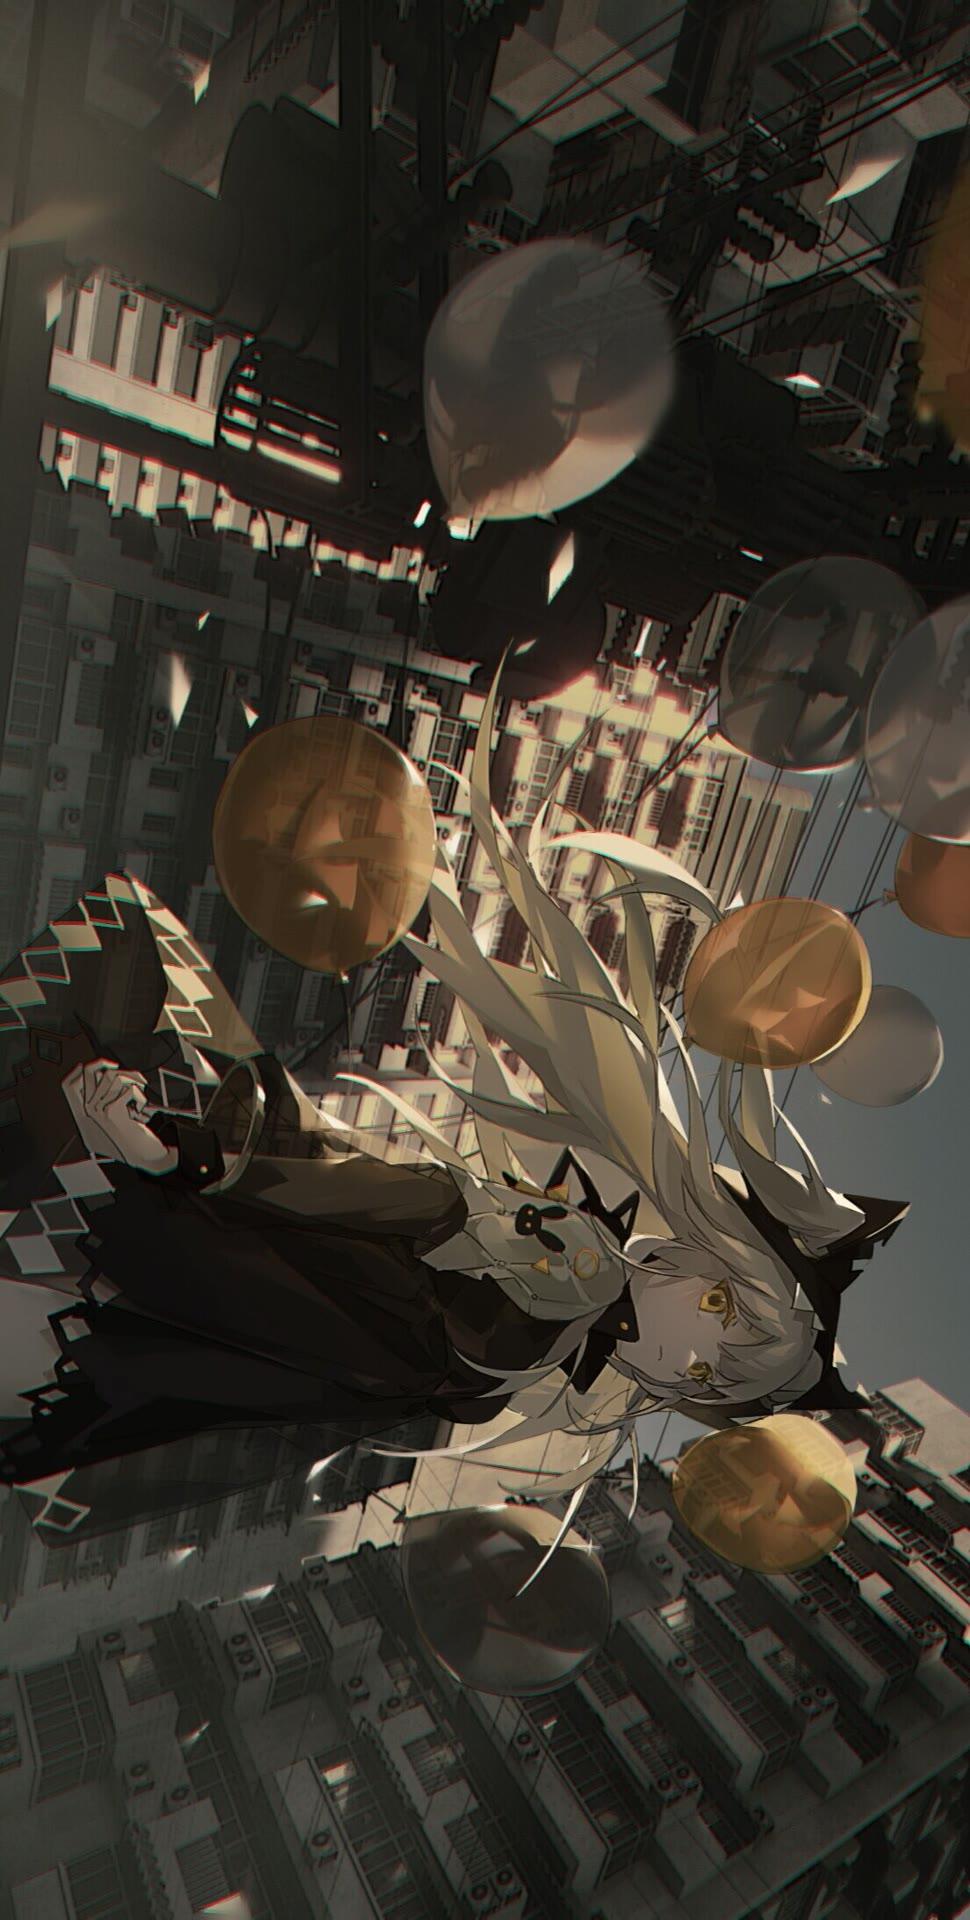 rBAAdmD2yoWAXSUtAAMmVeDr9o4582.jpg插图(5)